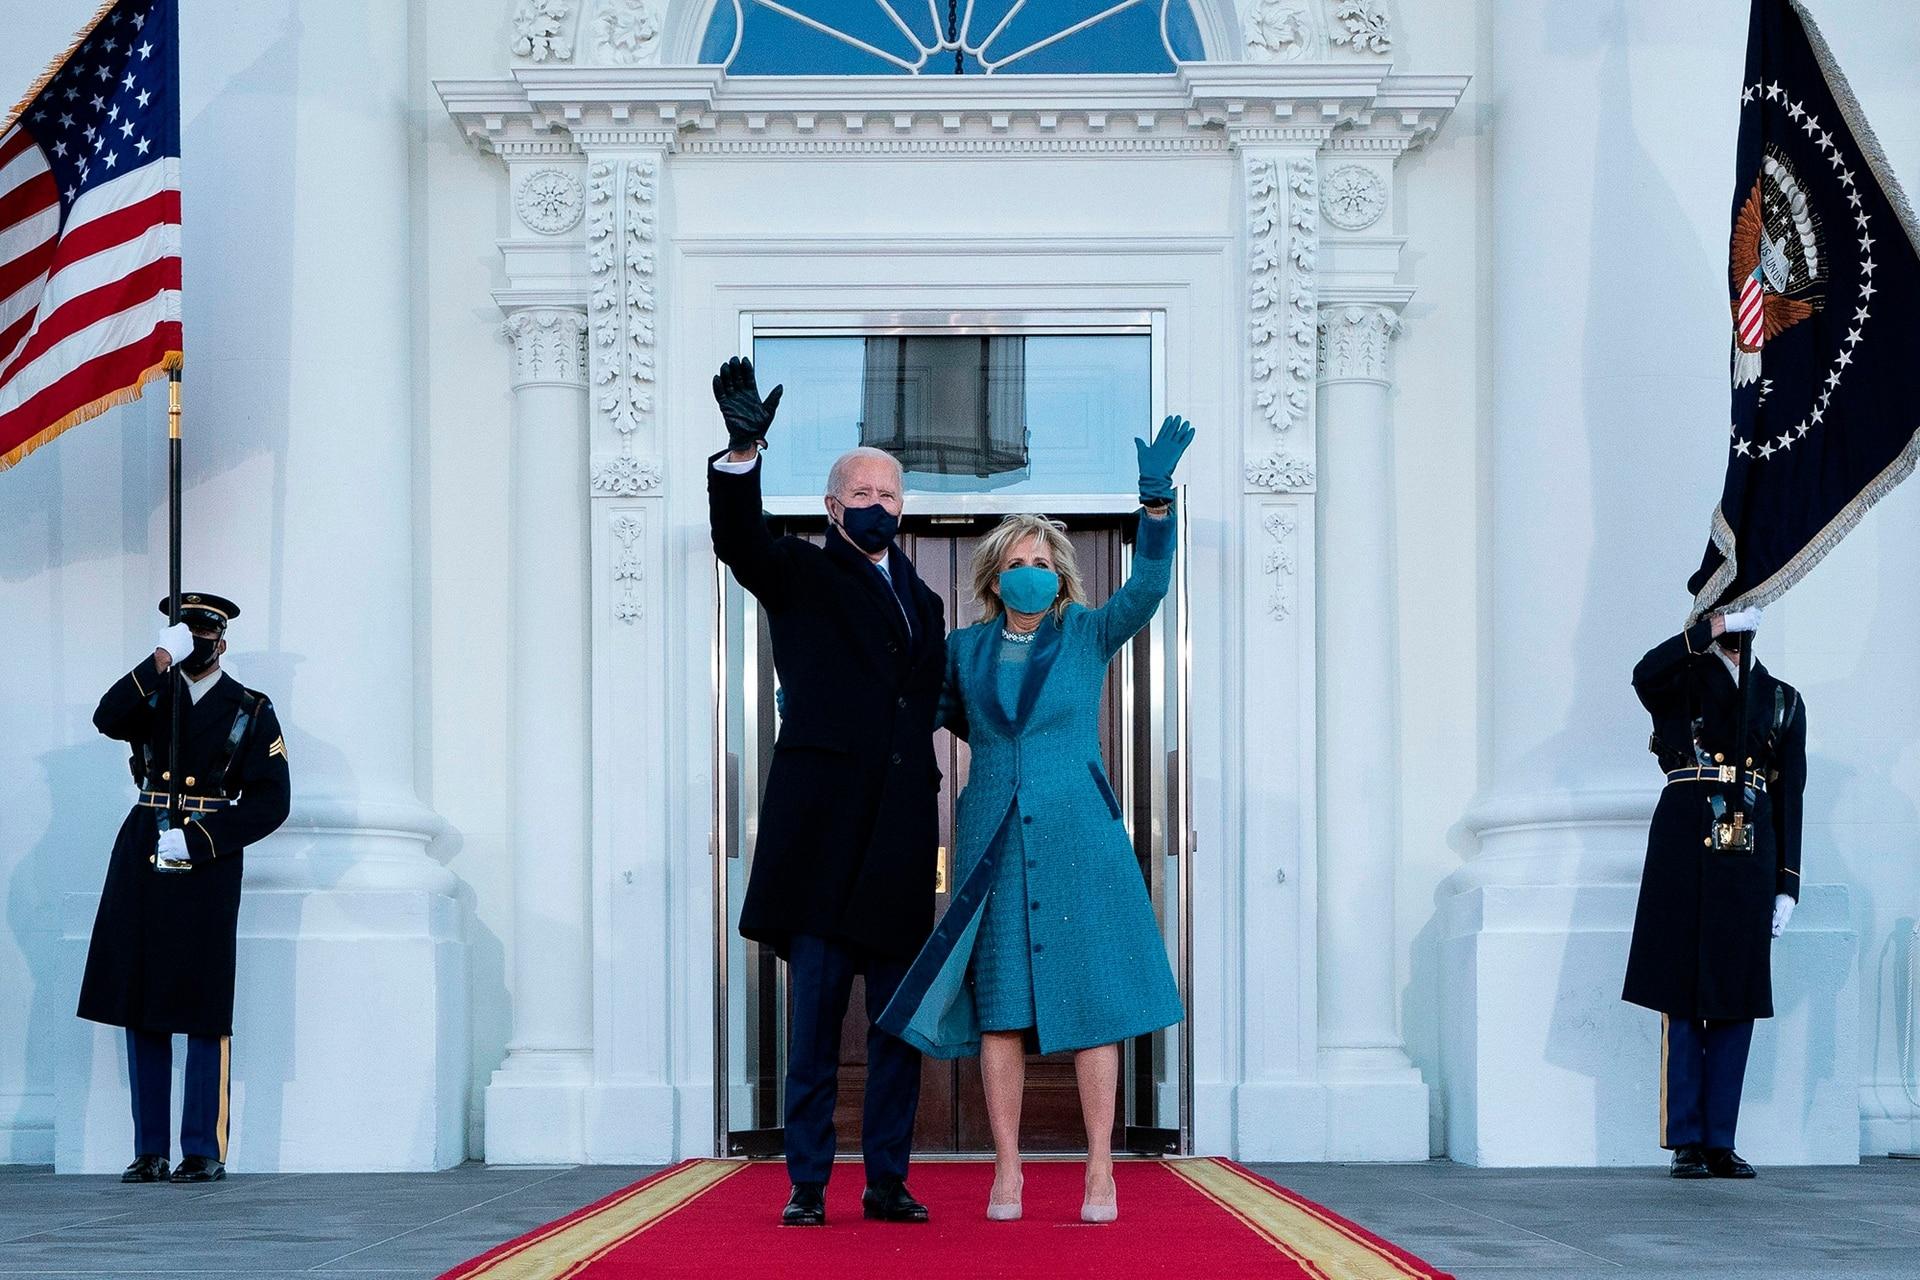 El presidente estadounidense Joe Biden y la primera dama Jill Biden saludan a su llegada a la Casa Blanca en Washington